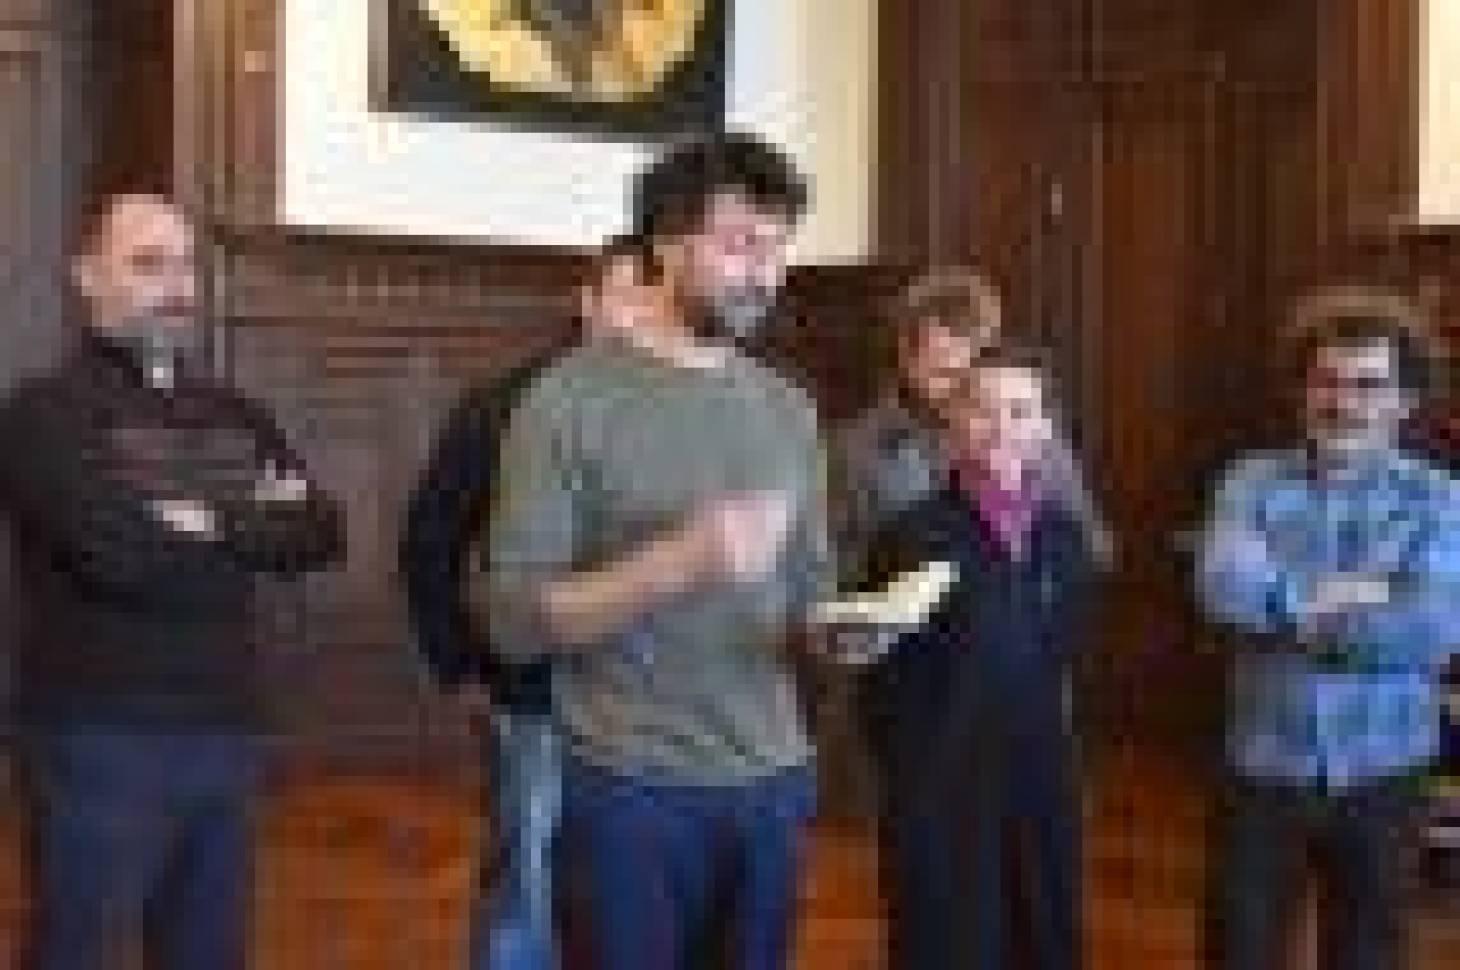 Traversées : la médaille de Grand Poitiers à L'Homme debout